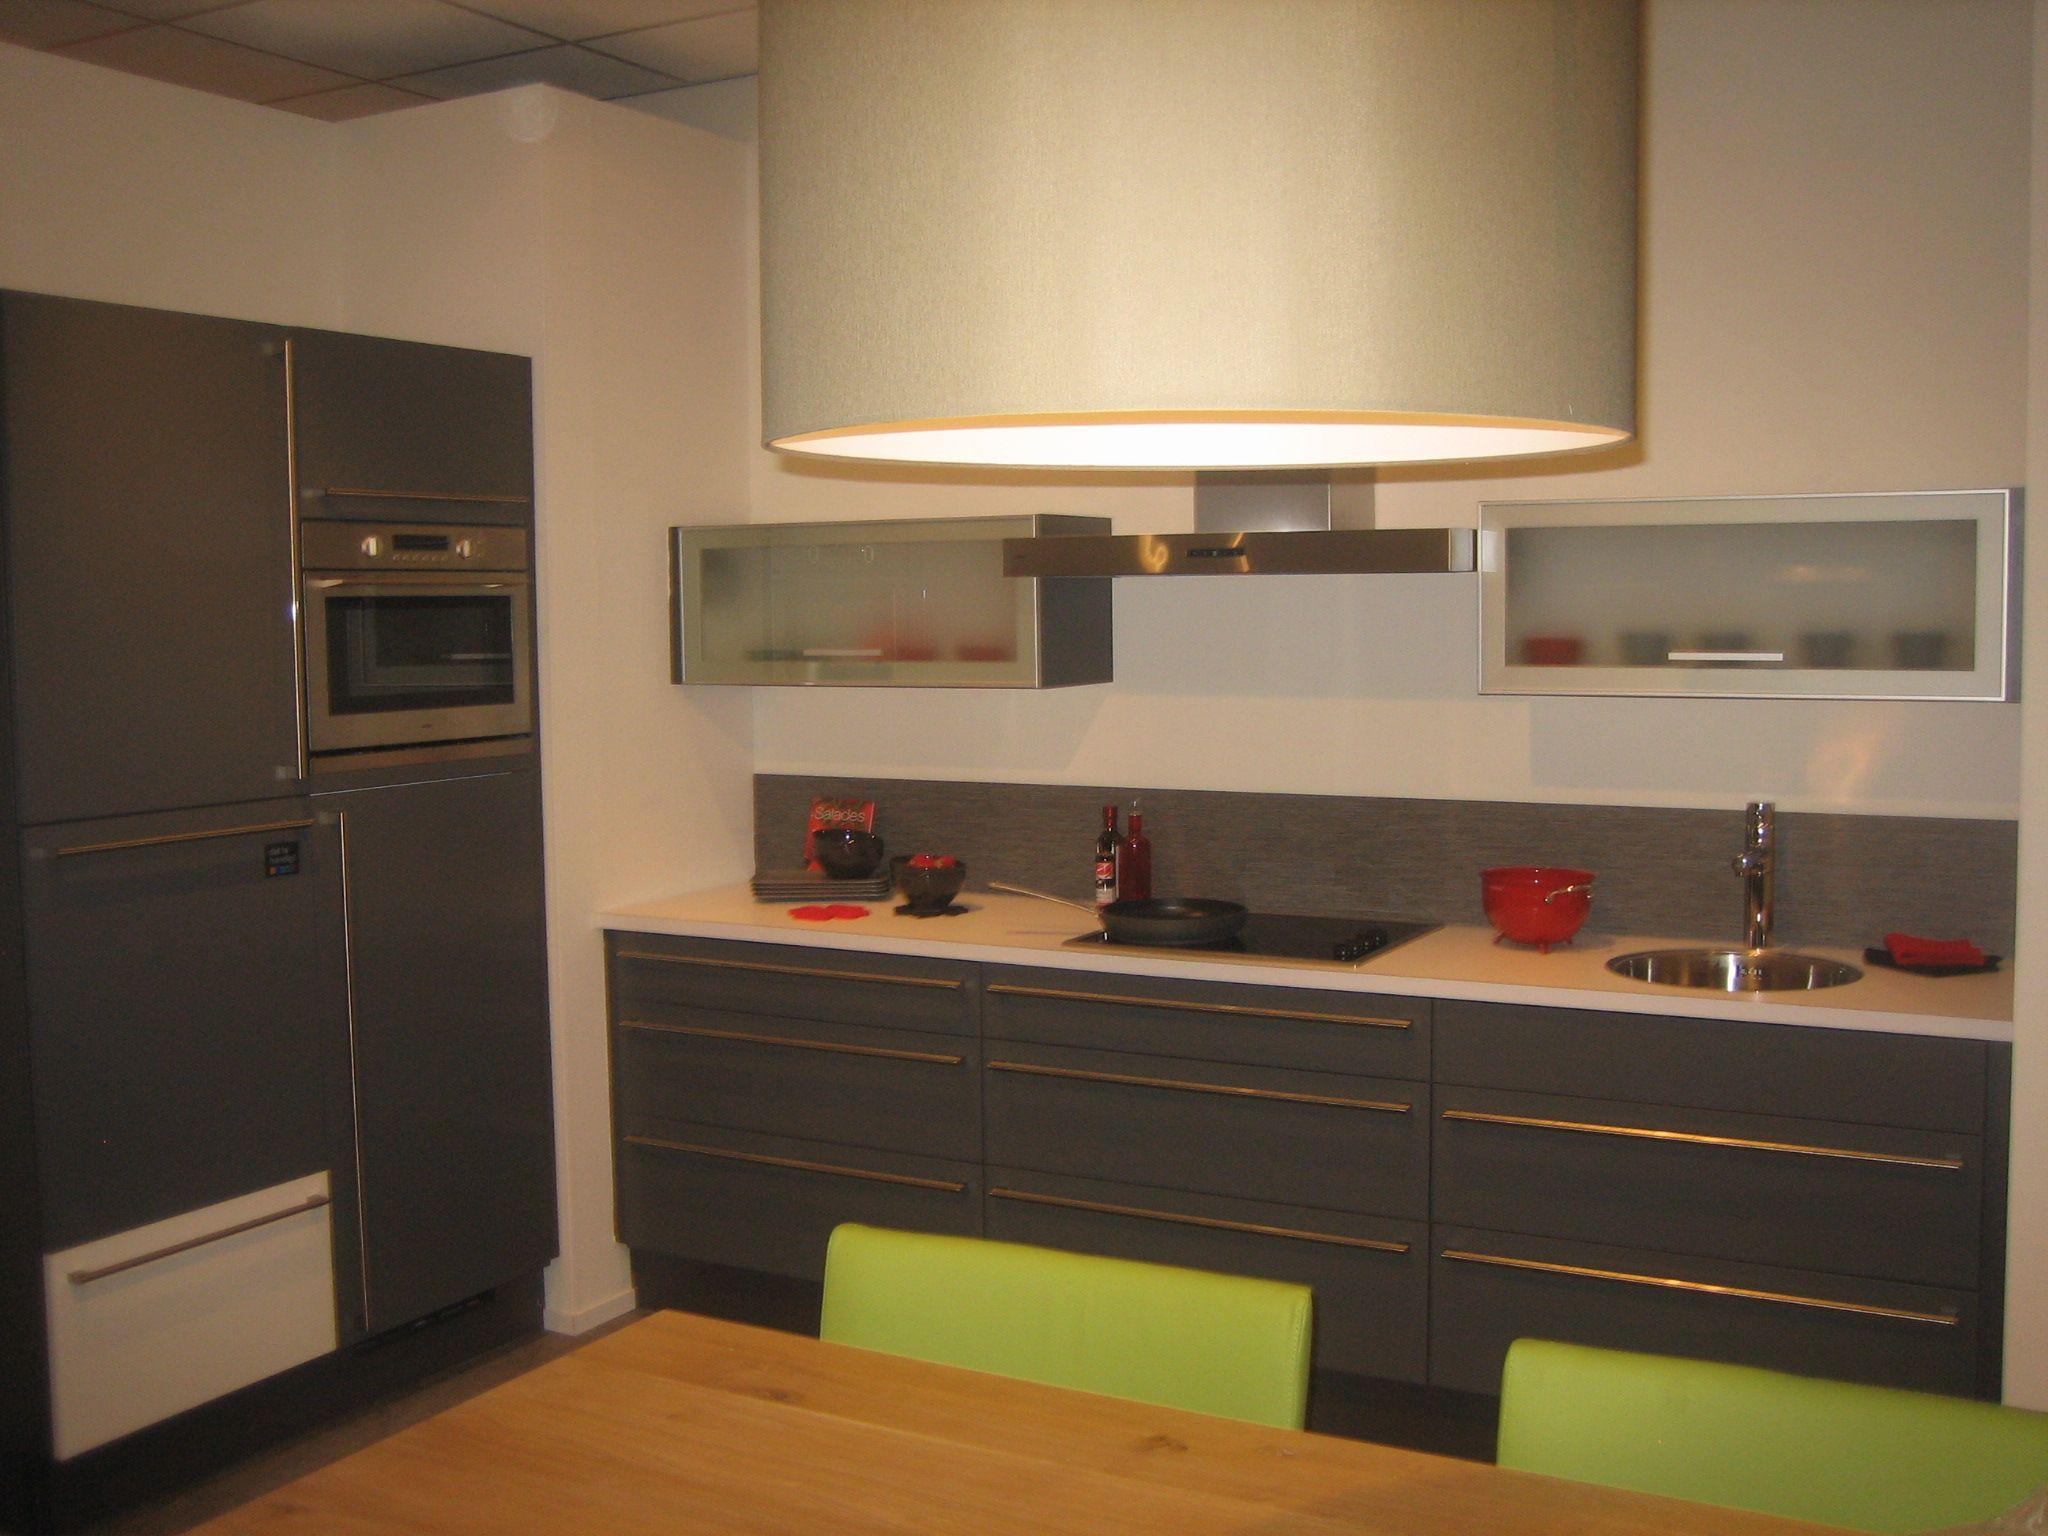 Bruynzeel Keuken Antraciet : keuken prijzen Bruynzeel showroomkeuken Olympia antraciet [48941